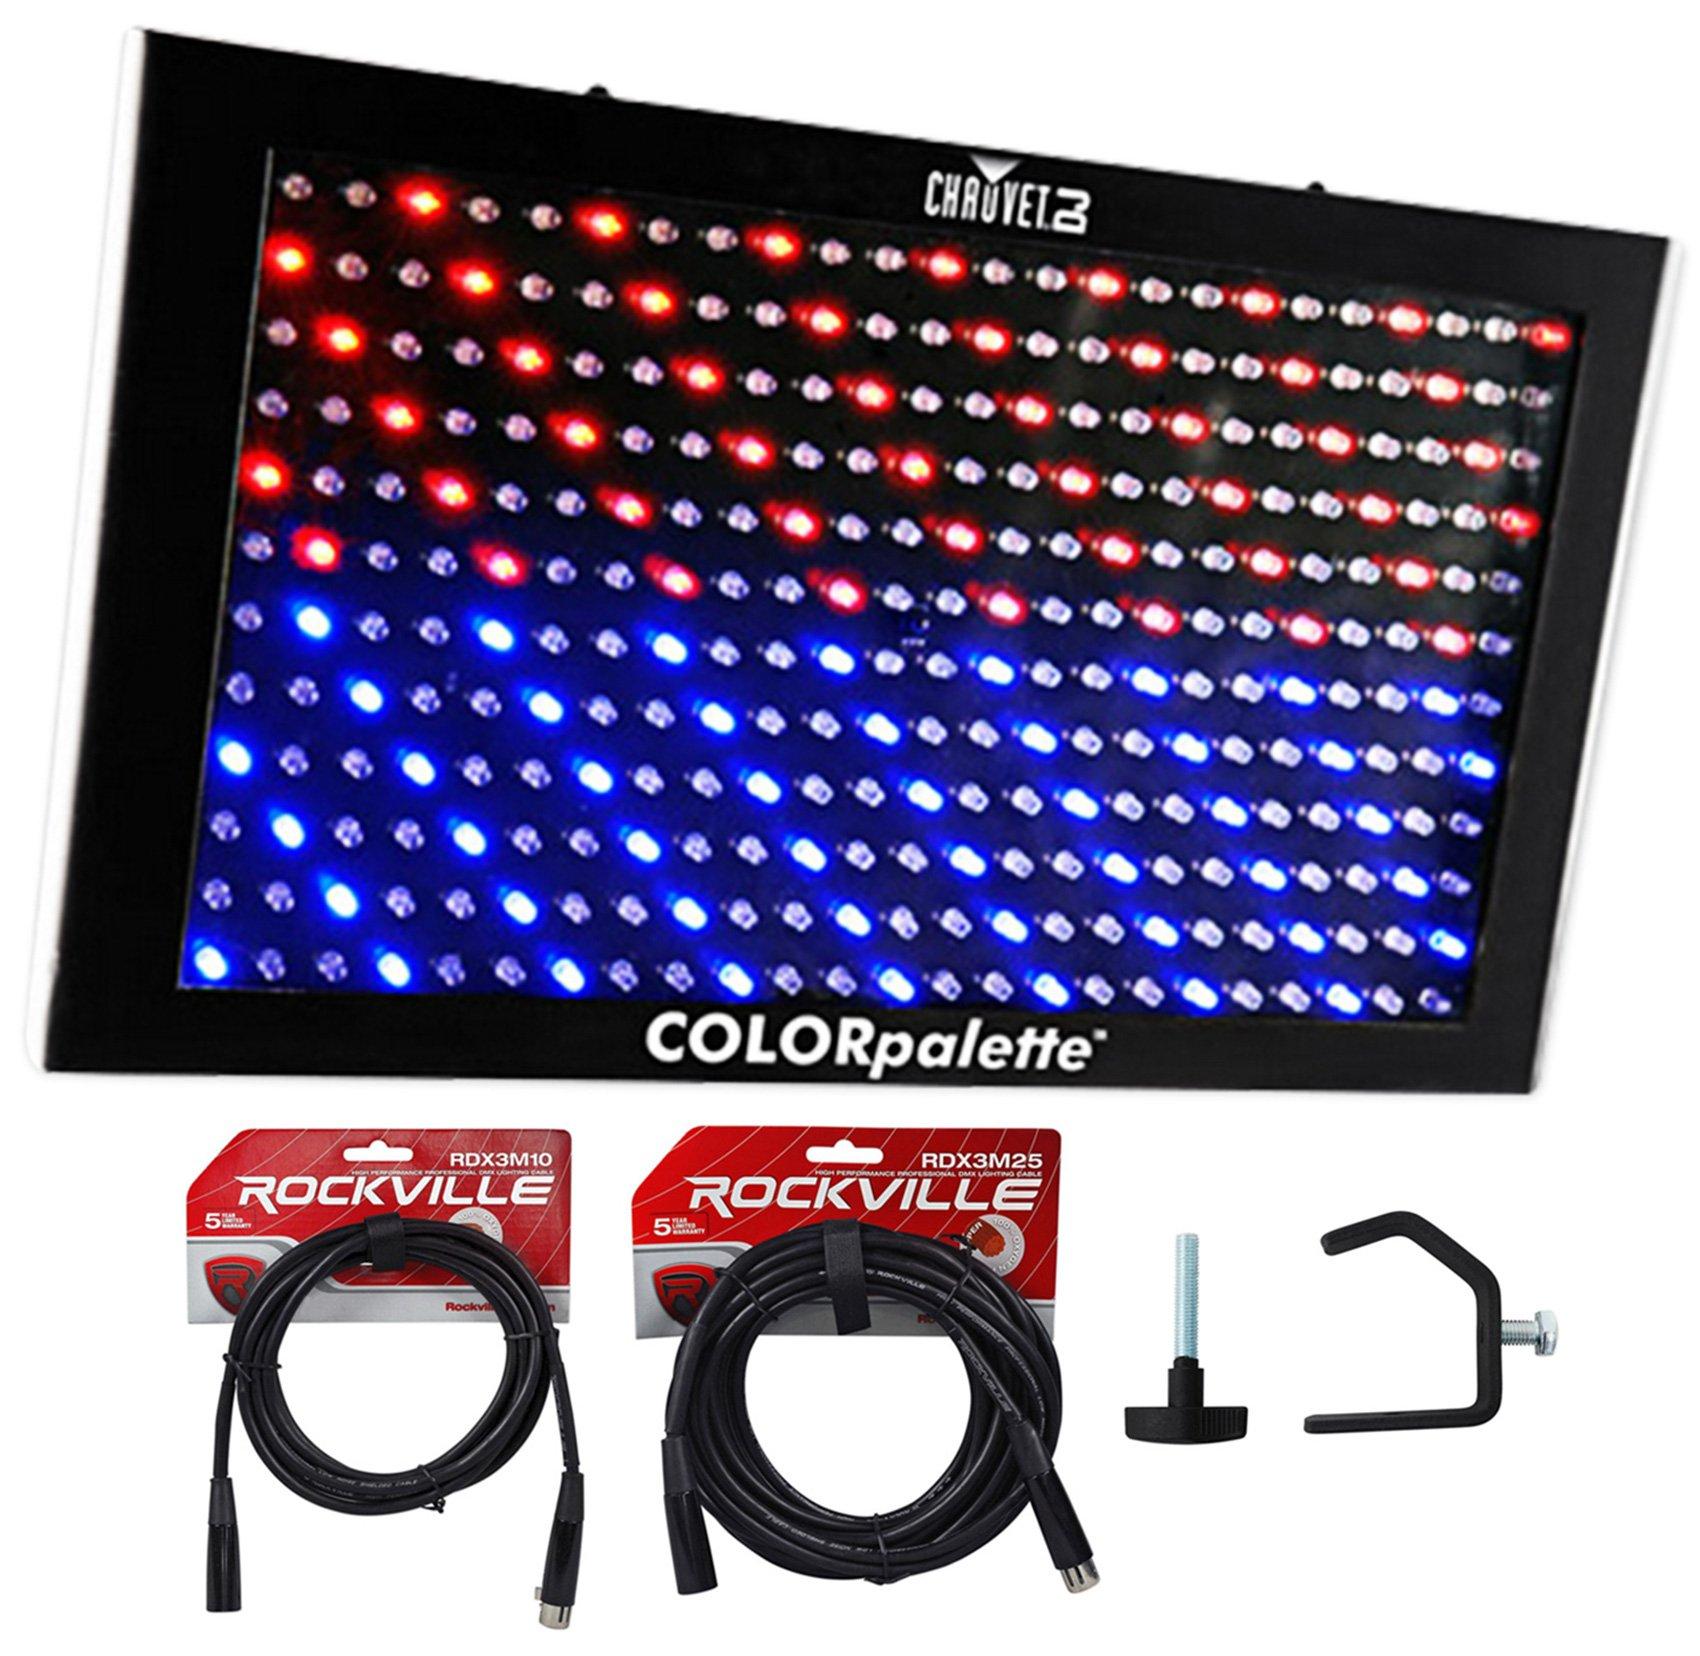 Chauvet DJ ColorPalette Panel Stage Wash Light+DMX Cables+Clamps Color Palette